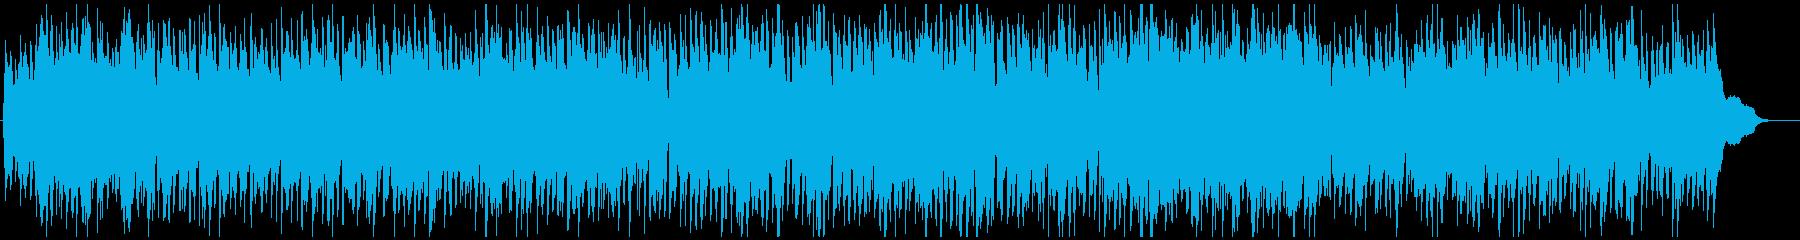 ほのぼのとしたケルティック風BGMの再生済みの波形